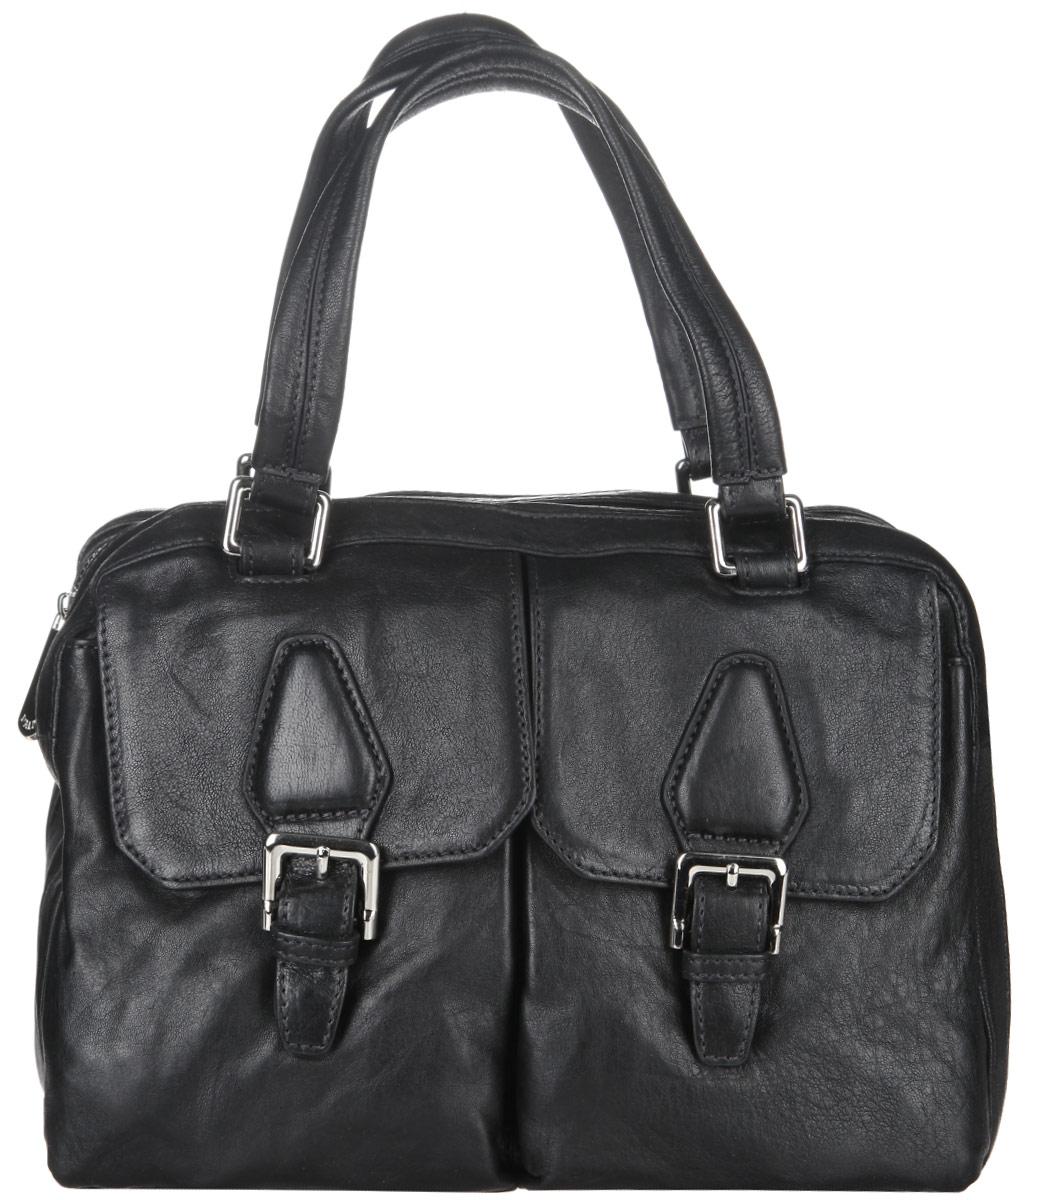 Сумка женская Palio, цвет: черный. 11557A-D311557A-D3Стильная сумка Palio, изготовлена из натуральной кожи с зернистой фактурой, оформлена металлической фурнитурой. Изделие содержит одно отделение, которое закрывается на застежку-молнию. Внутри изделия расположены два накладных кармашка для мелочей, врезной карман на молнии и карман-средник на молнии. На лицевой стороне расположены два накладных кармашка, каждый из которых закрывается клапаном на магнитную кнопку. Задняя сторона сумки дополнена врезным карманом на молнии. Изделие оснащено двумя практичными ручками и съемным плечевым ремнем. Оригинальный аксессуар позволит вам завершить образ и быть неотразимой.